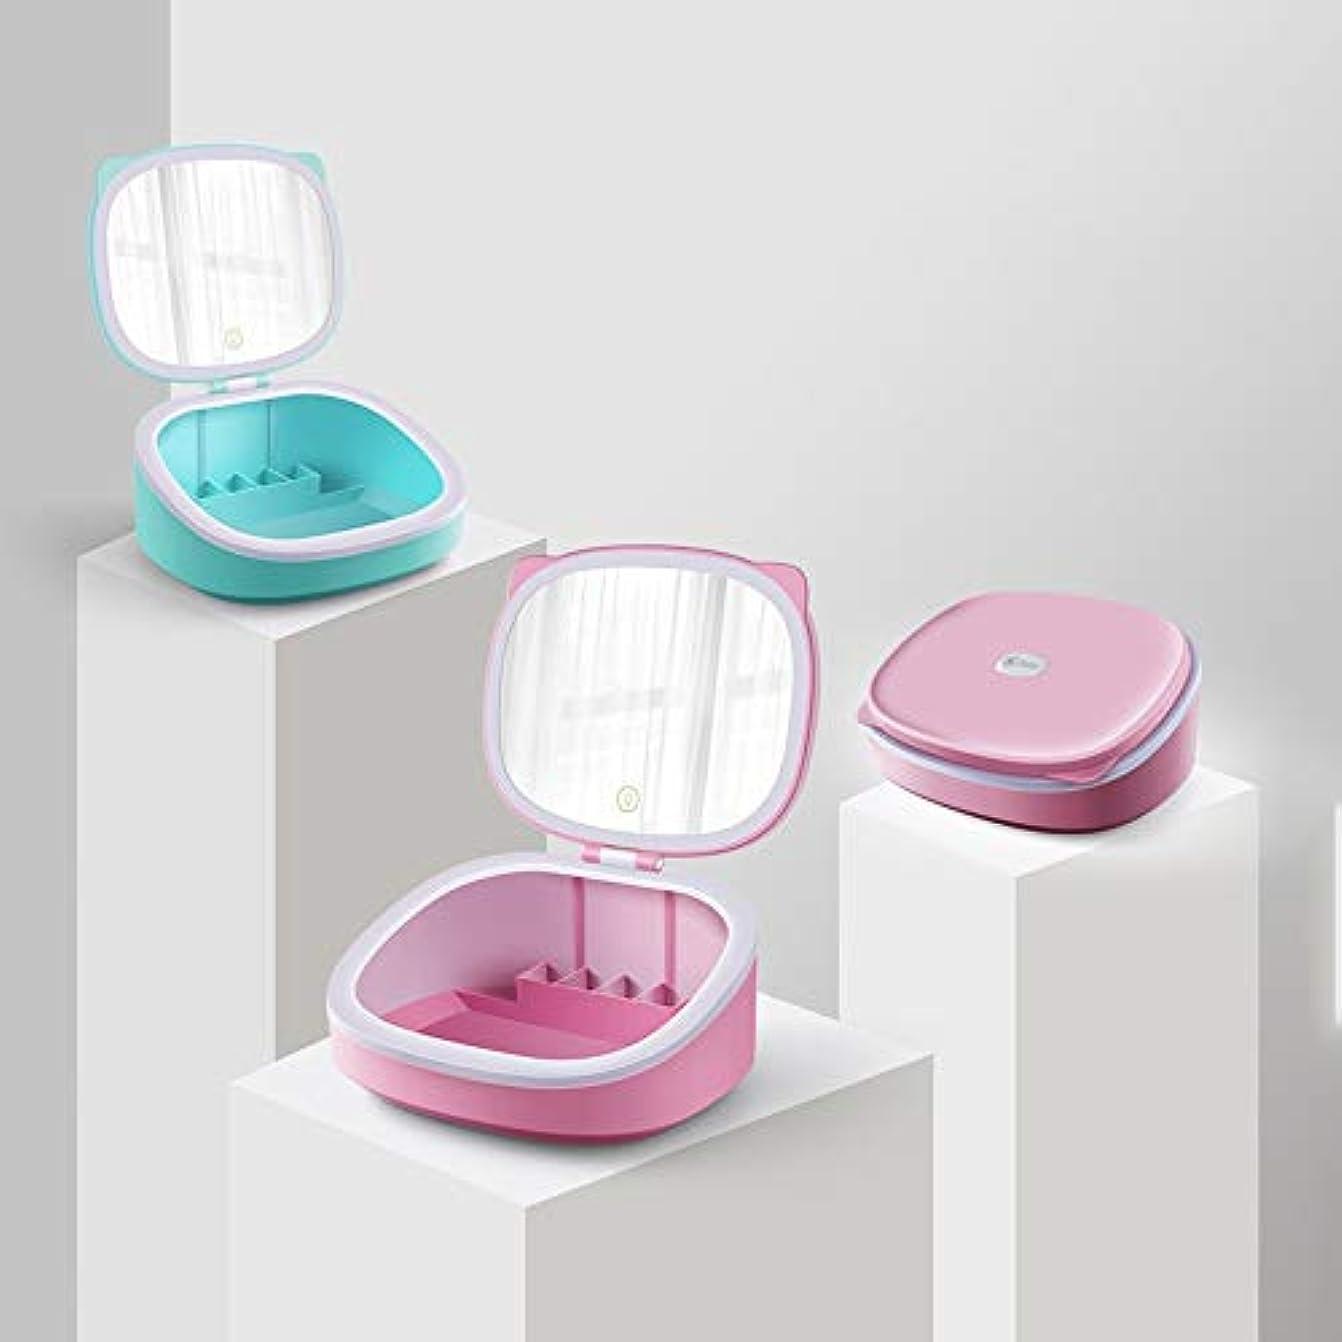 シーサイド導体患者流行の LEDライト化粧鏡収納猫美容鏡卓上鏡多機能光ABSピンクブルーを調整することができます (色 : Pink)